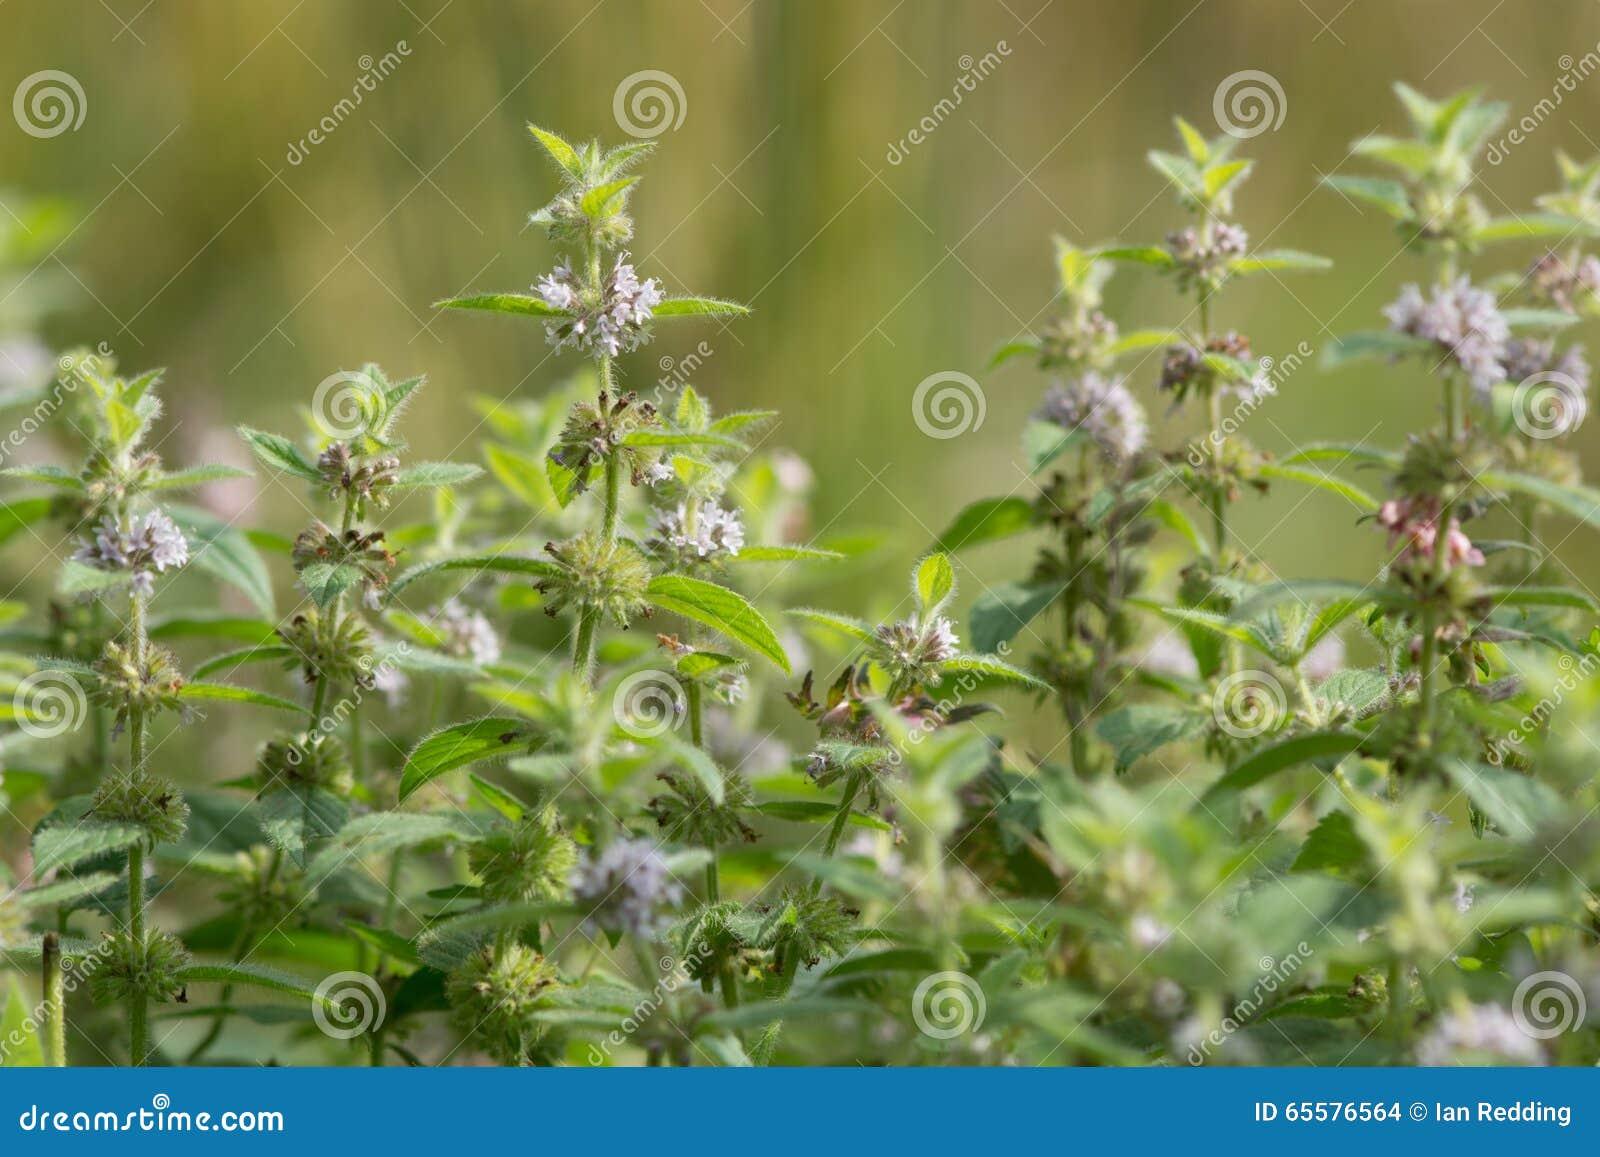 Hortelã de milho (arvensis do Mentha) na flor